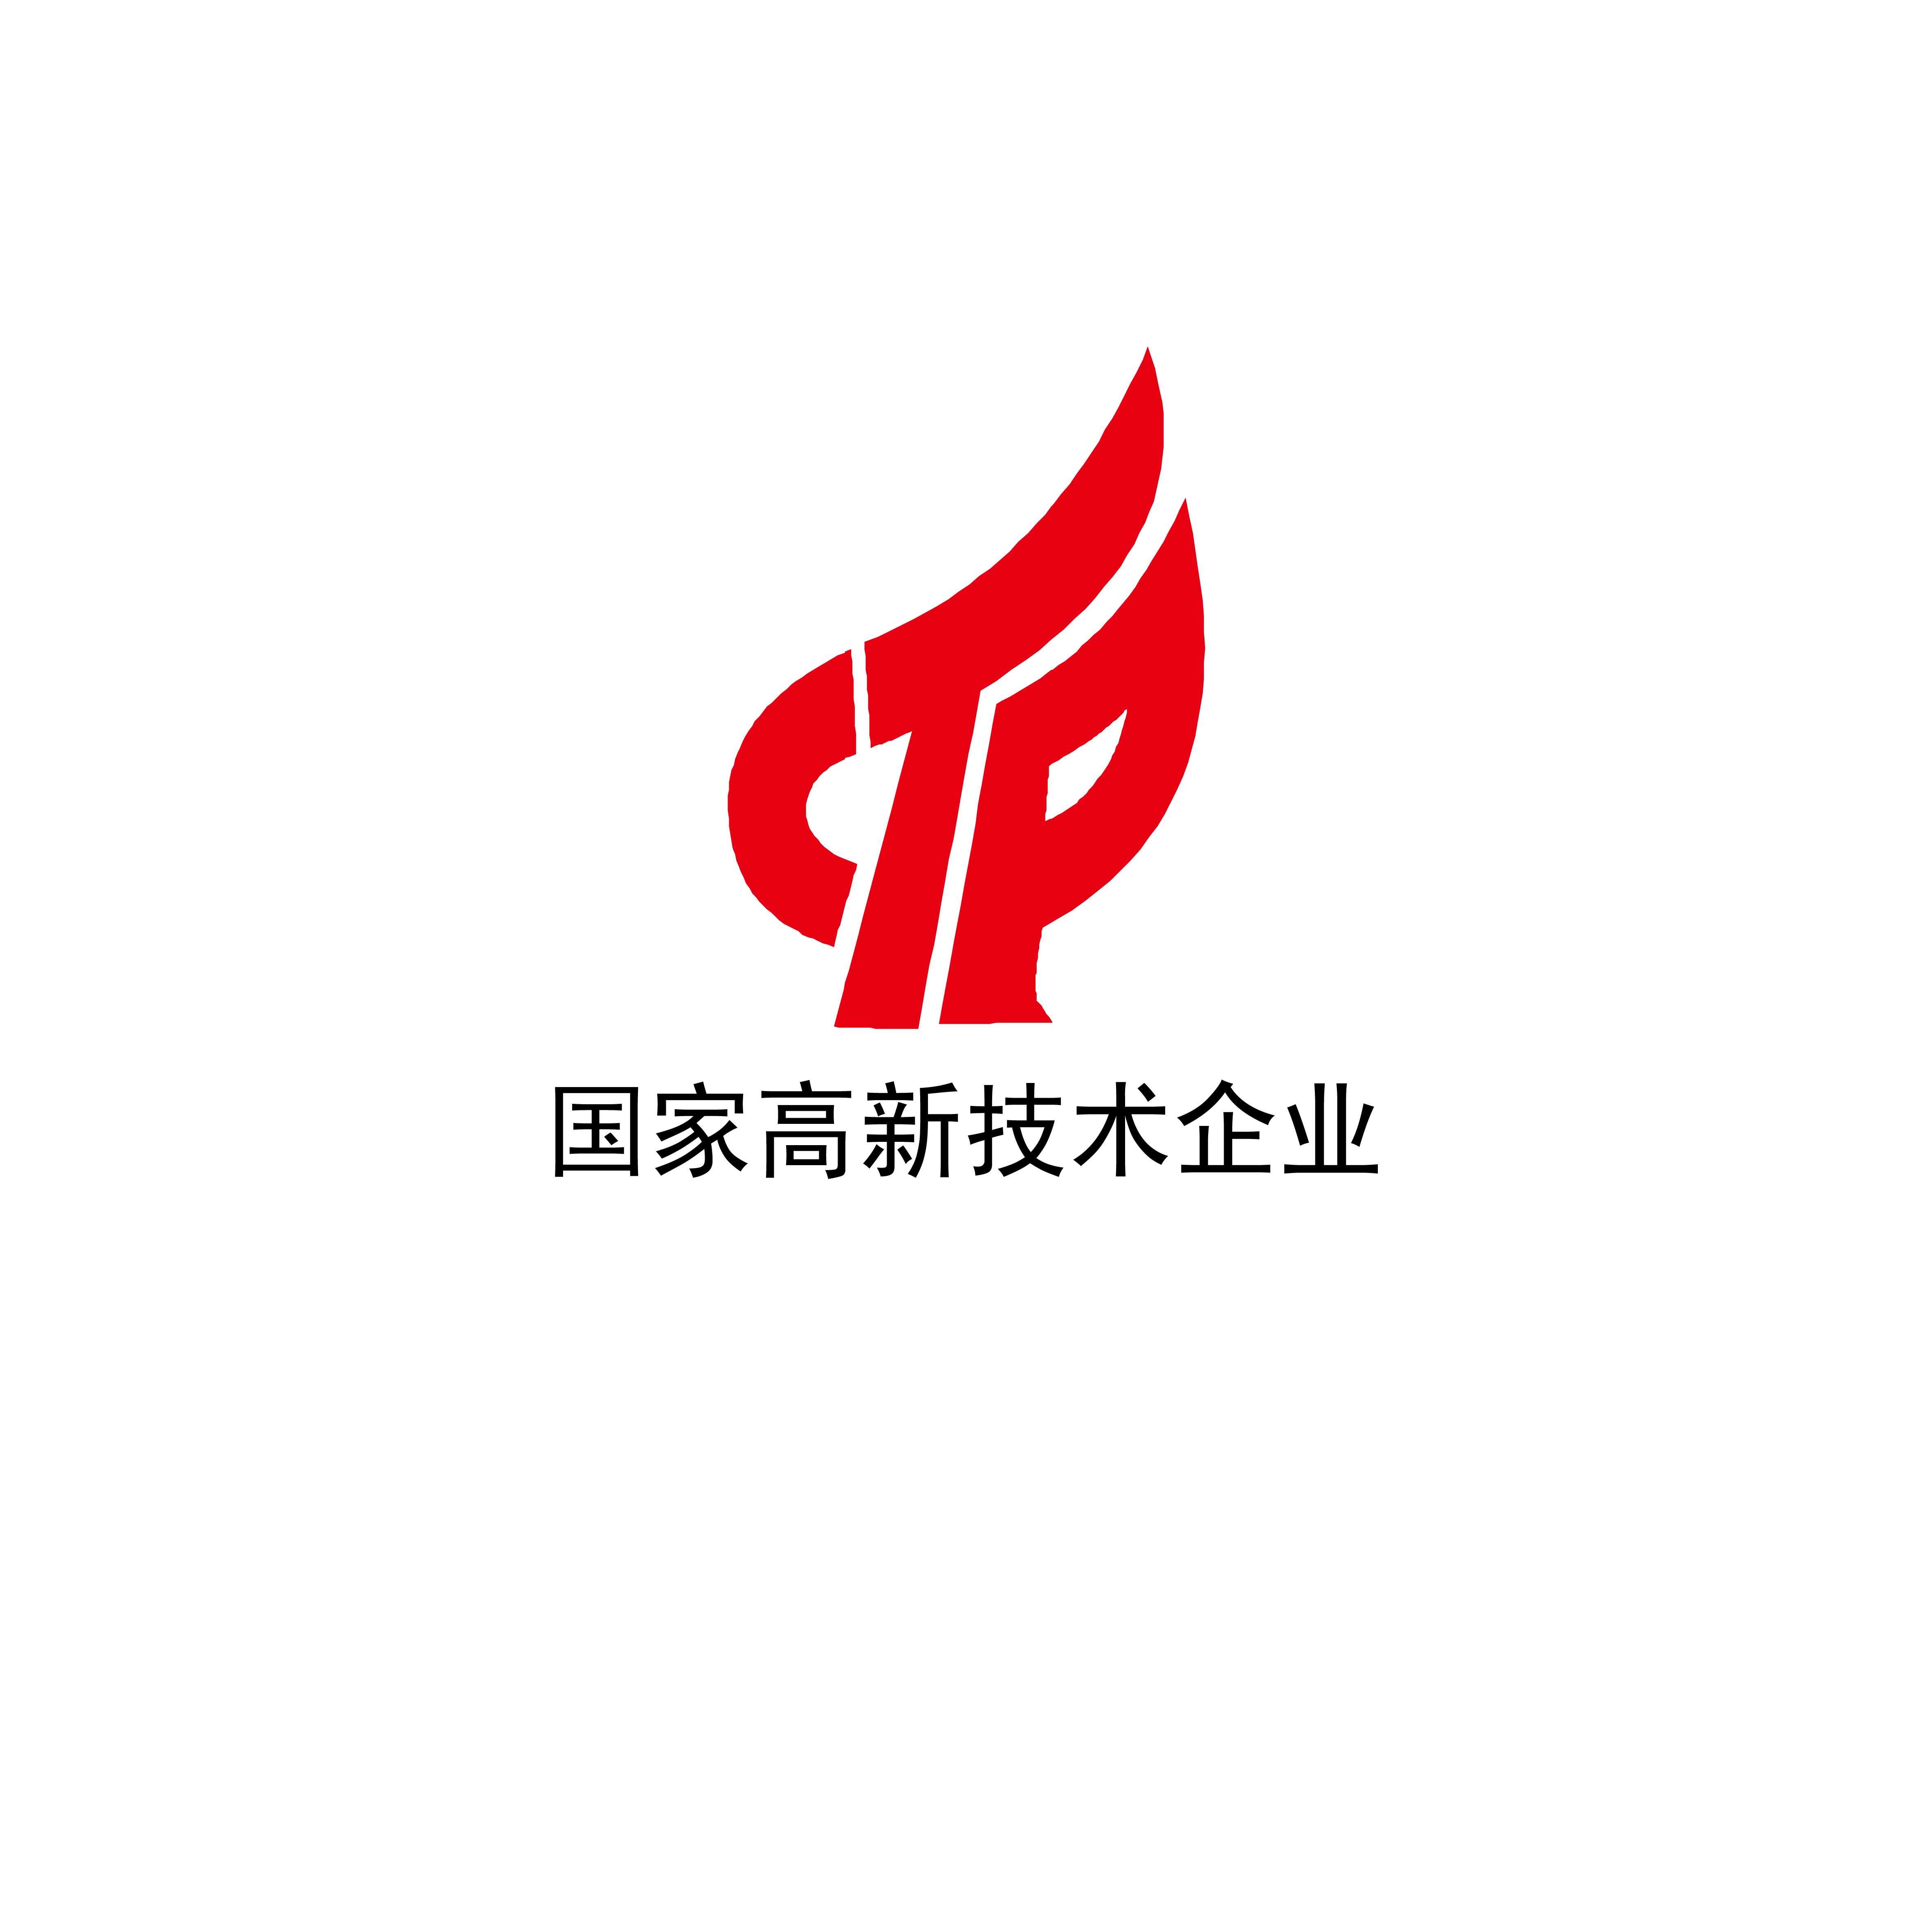 """热烈祝贺我司荣获国家 """"高新技术企业""""认定"""